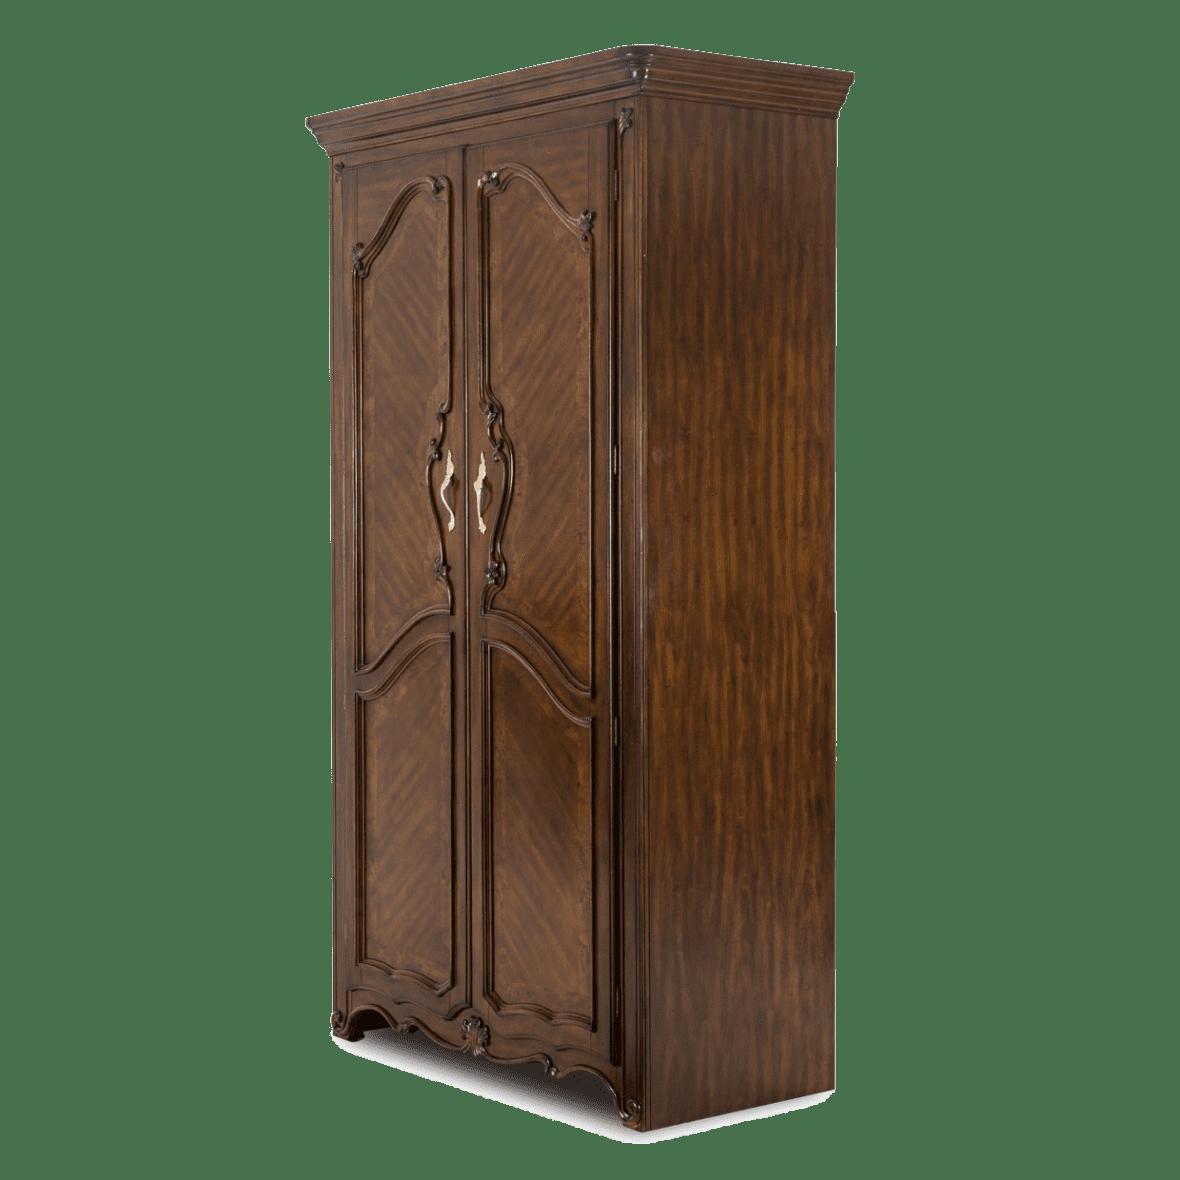 Шкаф для одежды, двудверный платяной шкаф